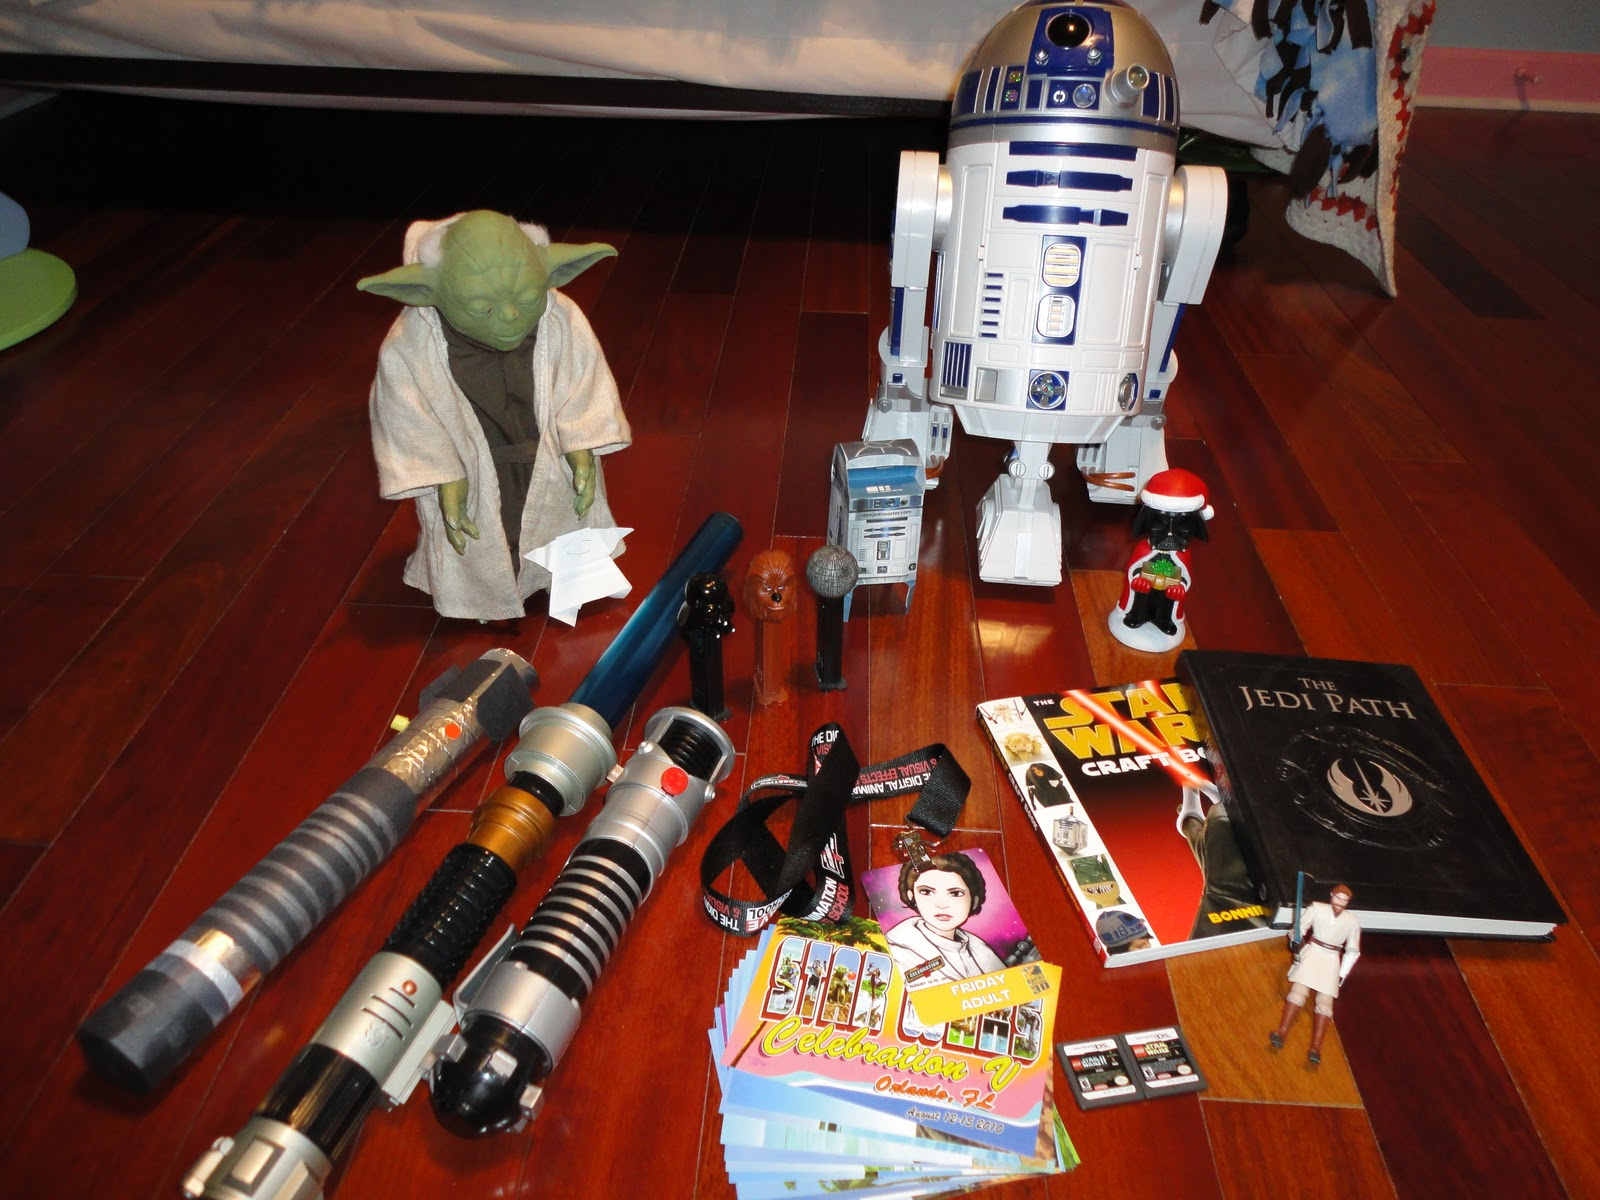 In Western Lands: Star Wars Challenge Day 16